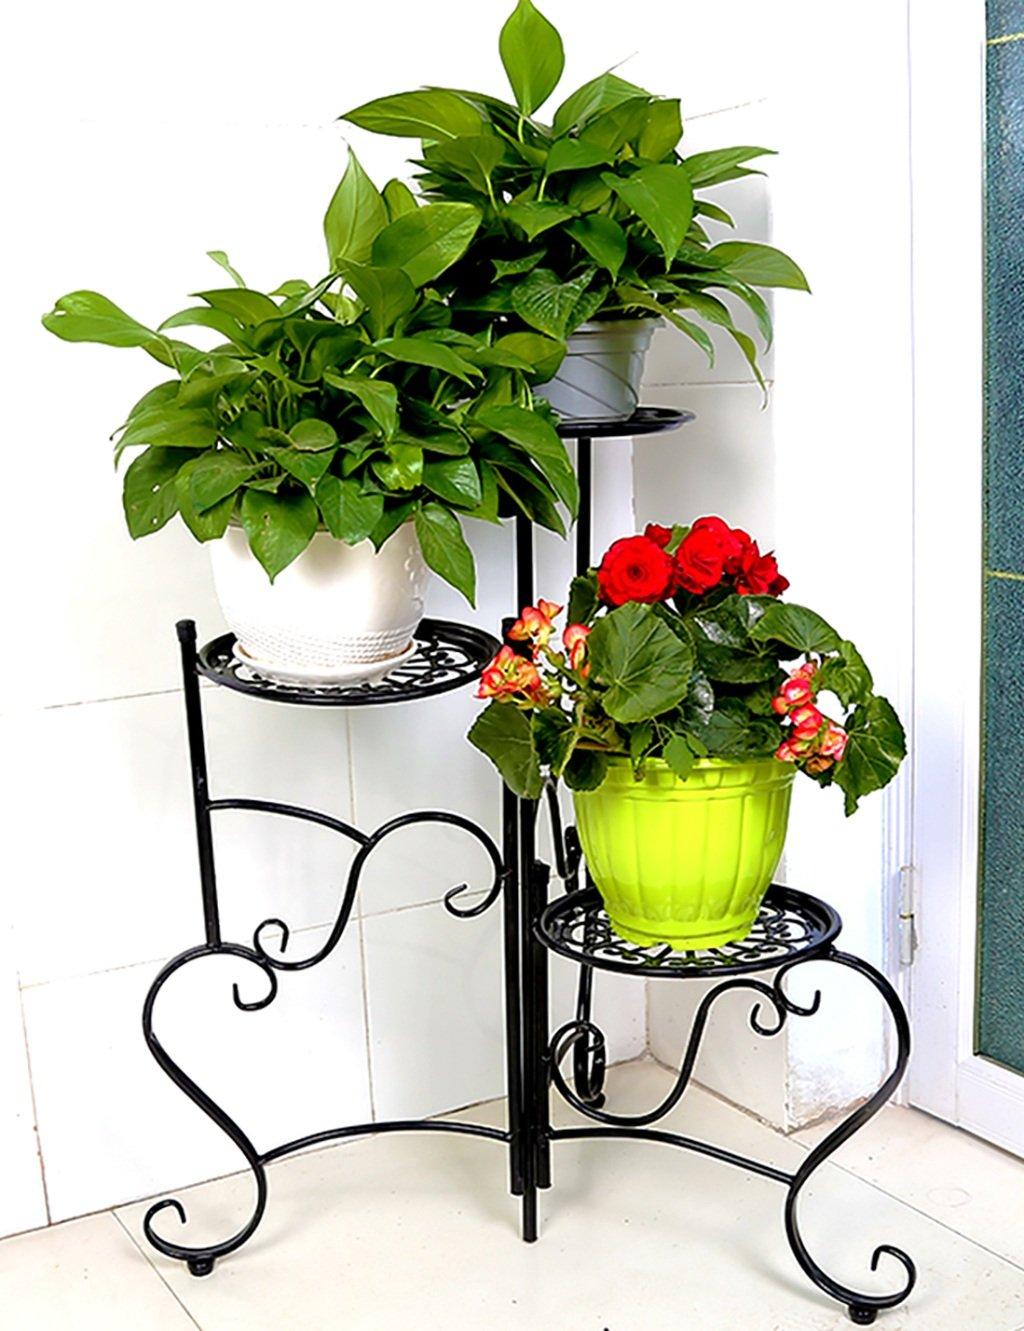 LB huajia ZHANWEI Europäische Art-Eisen-mehrschichtige Blumen-Zahnstange Kreative Balkon-Landungs-Blumen-Zahnstange Einfache Innen-saftige Pflanzen-Blumen-Zahnstange (Farbe : A)